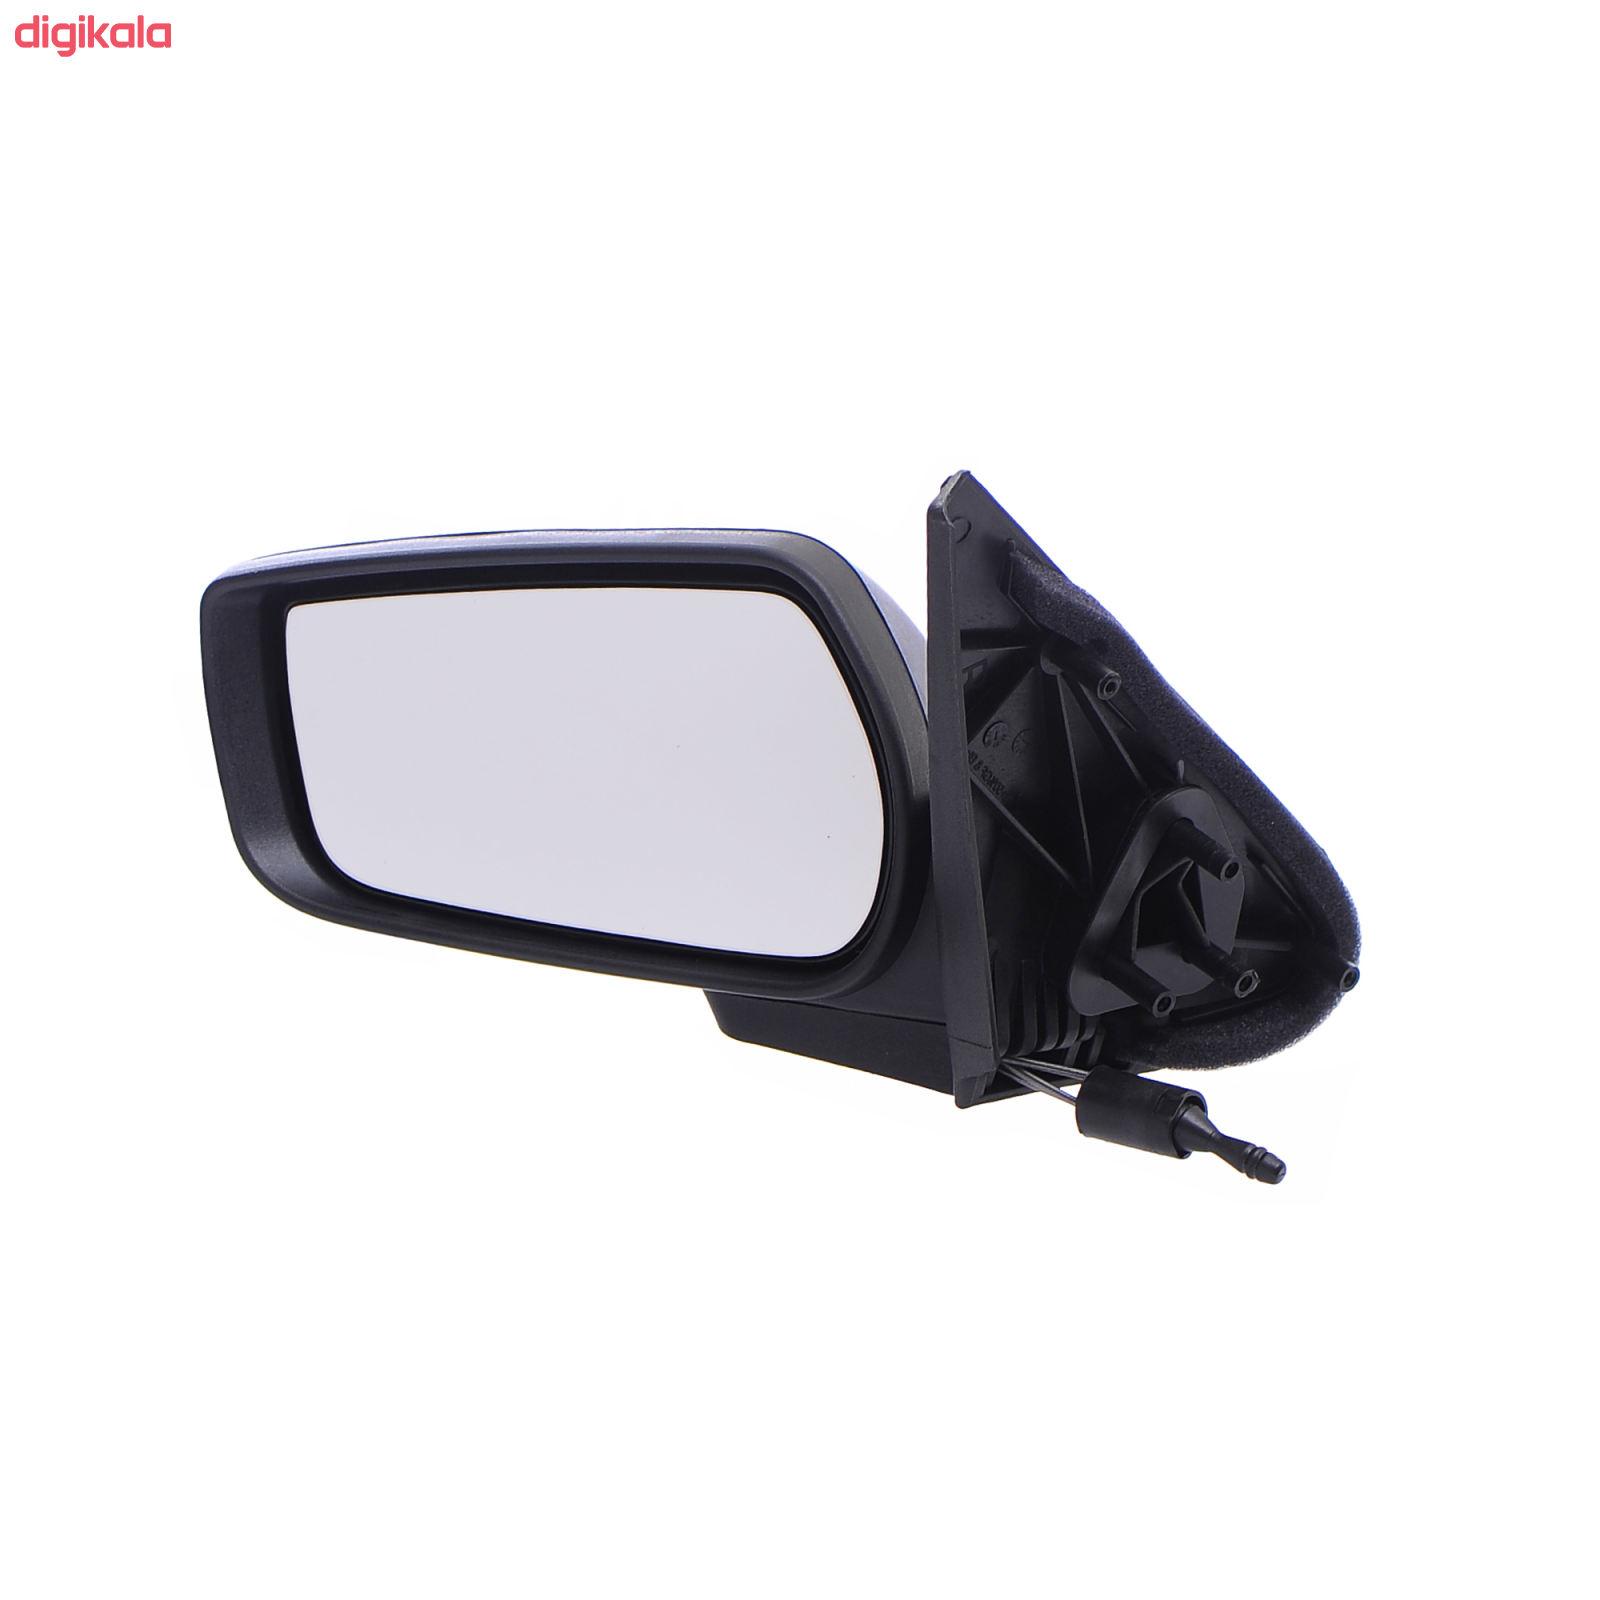 آینه جانبی چپ خودرو کد CL0004 مناسب برای پژو 405 main 1 2